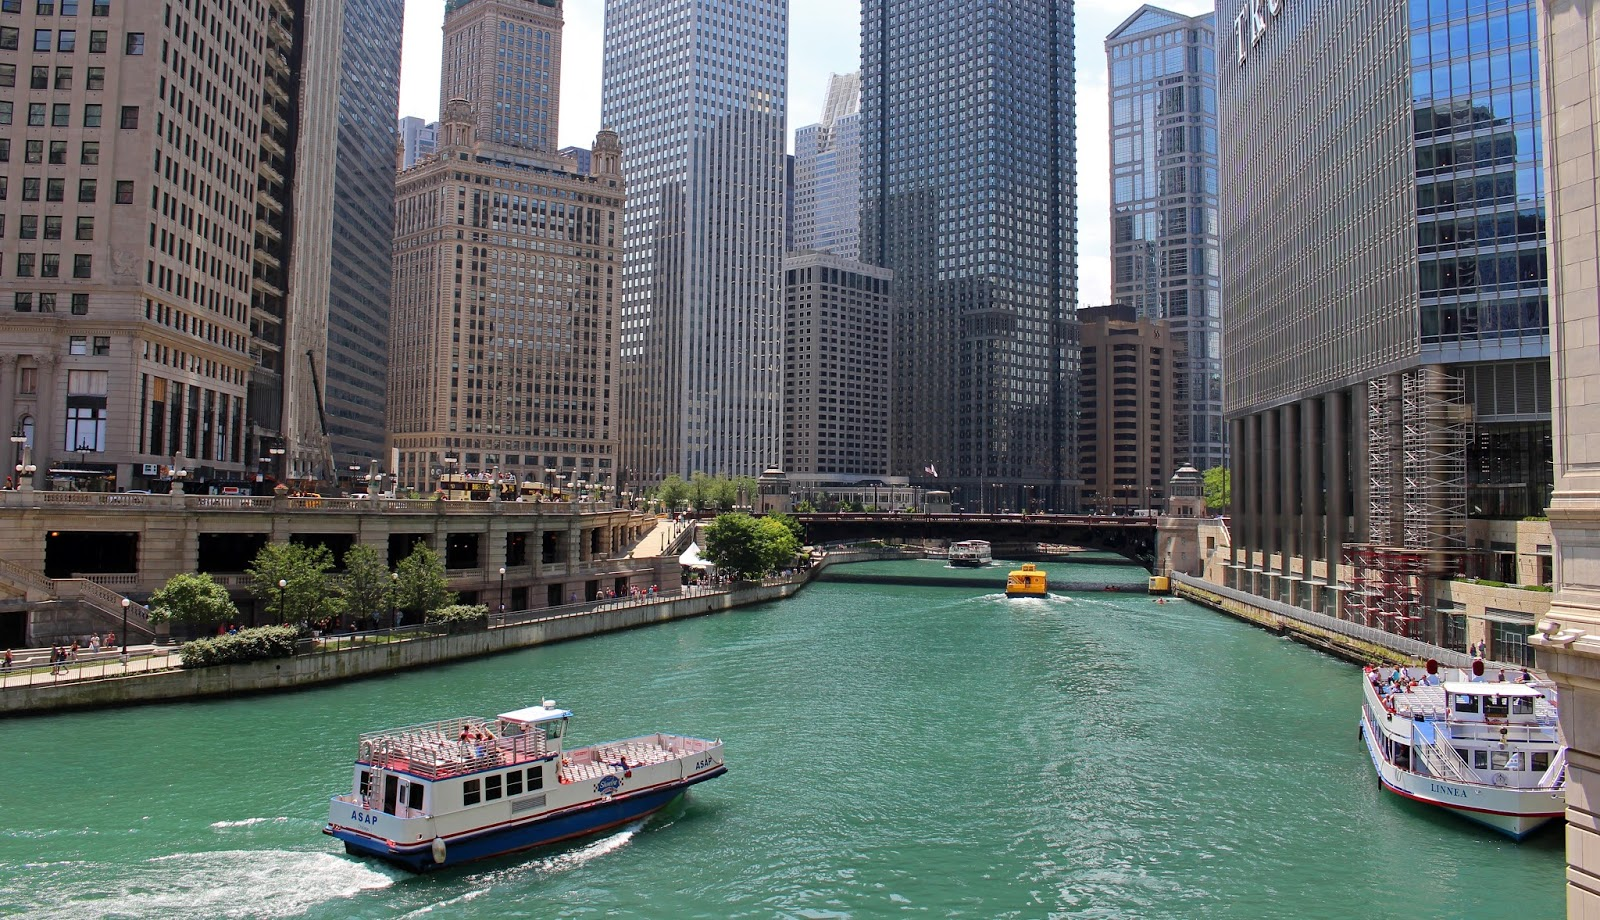 Chicago Architecture Foundation sconzani: chicago: architecture river cruise